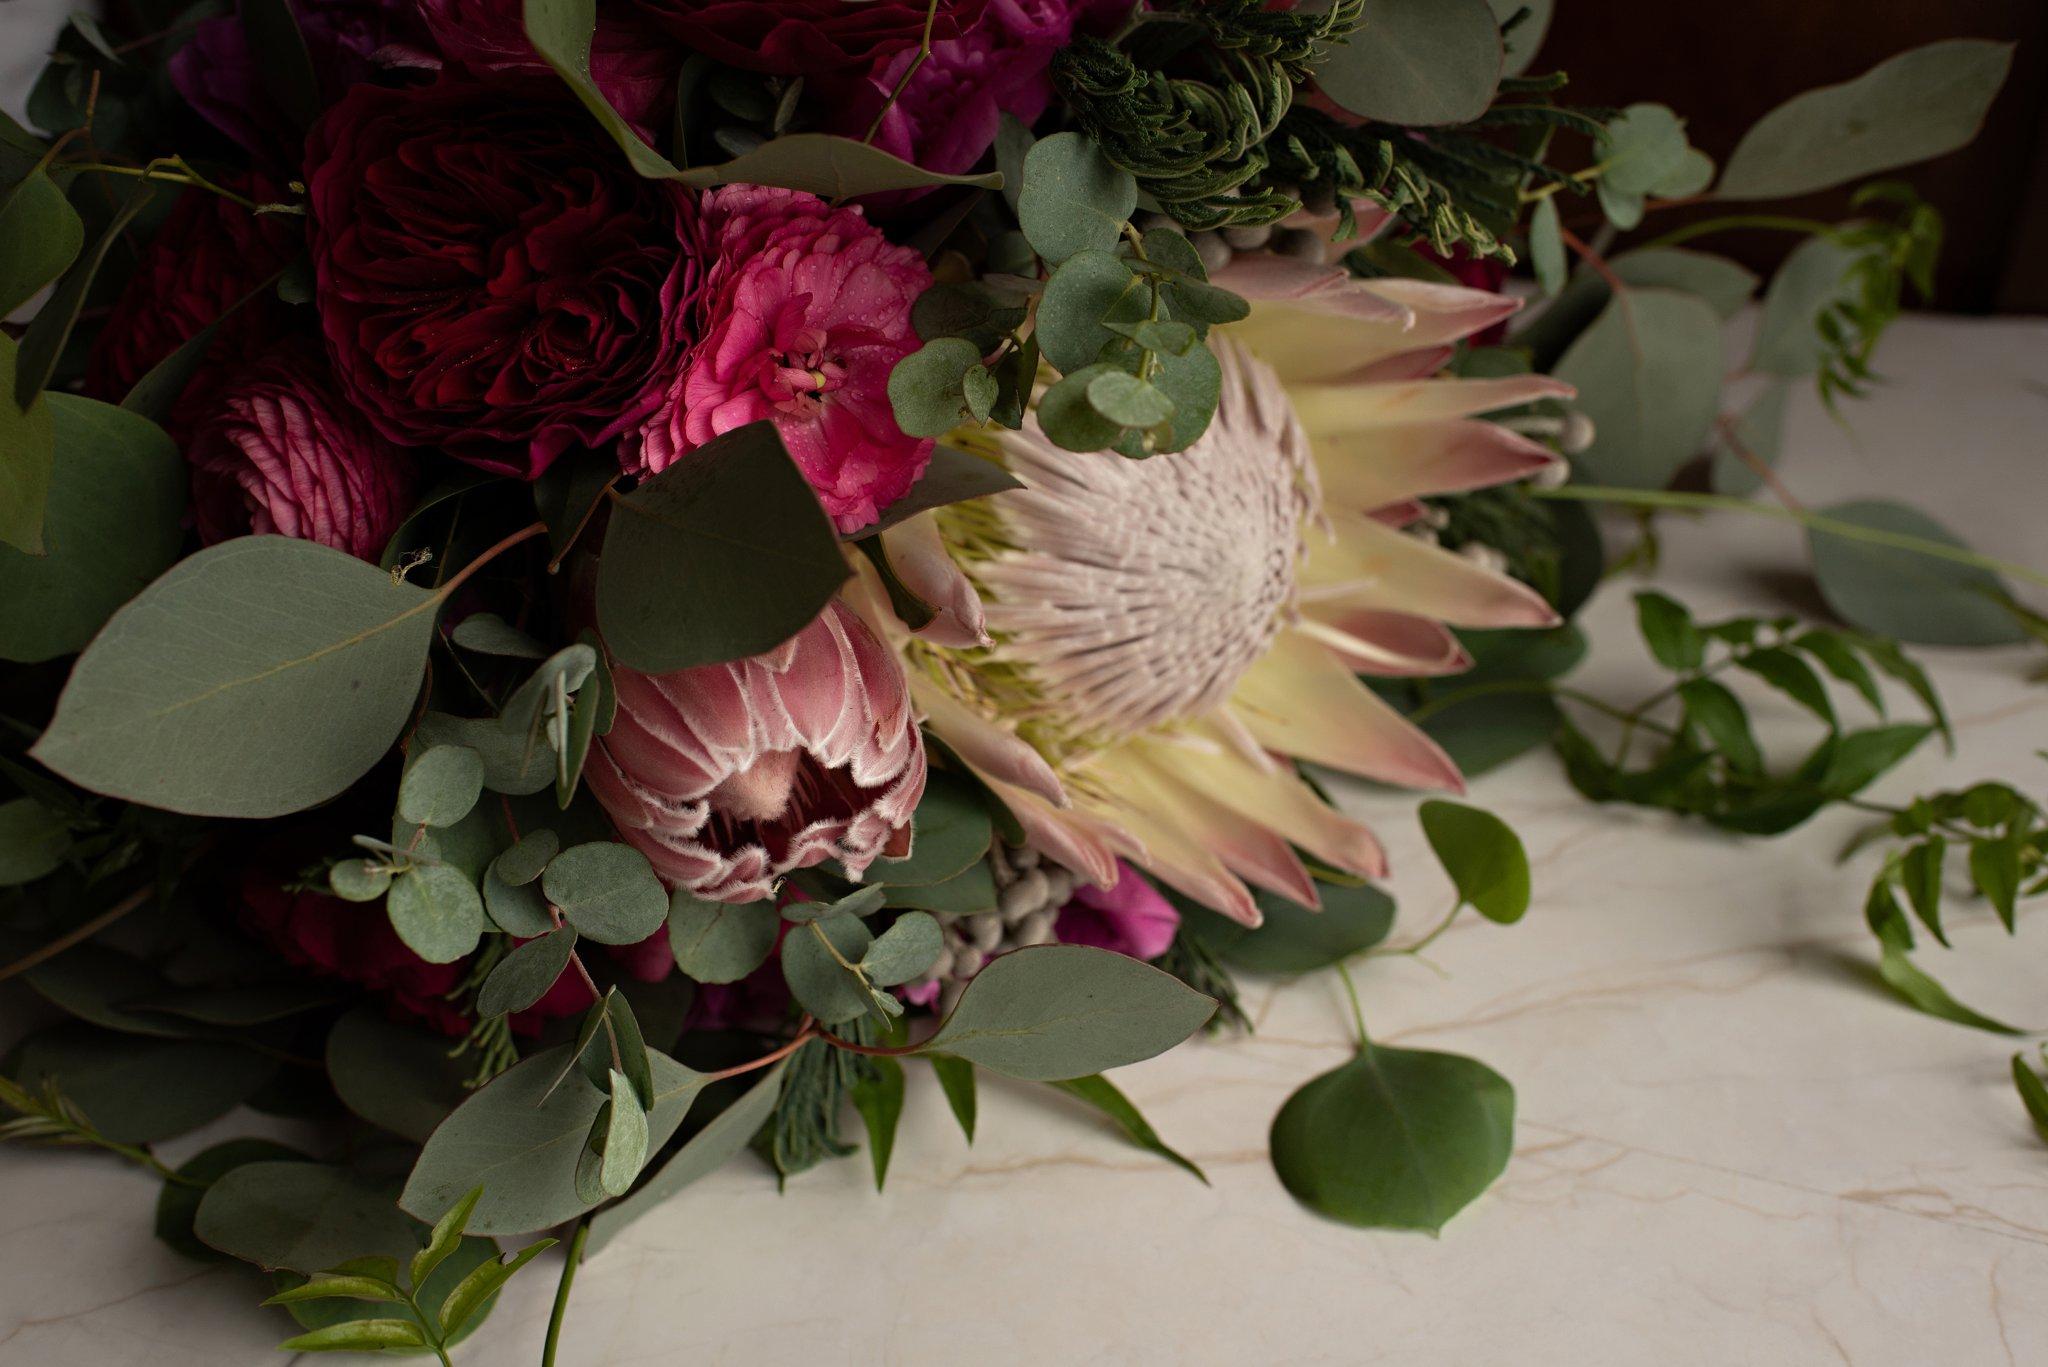 exotic boho wedding bouquet with fuchsia